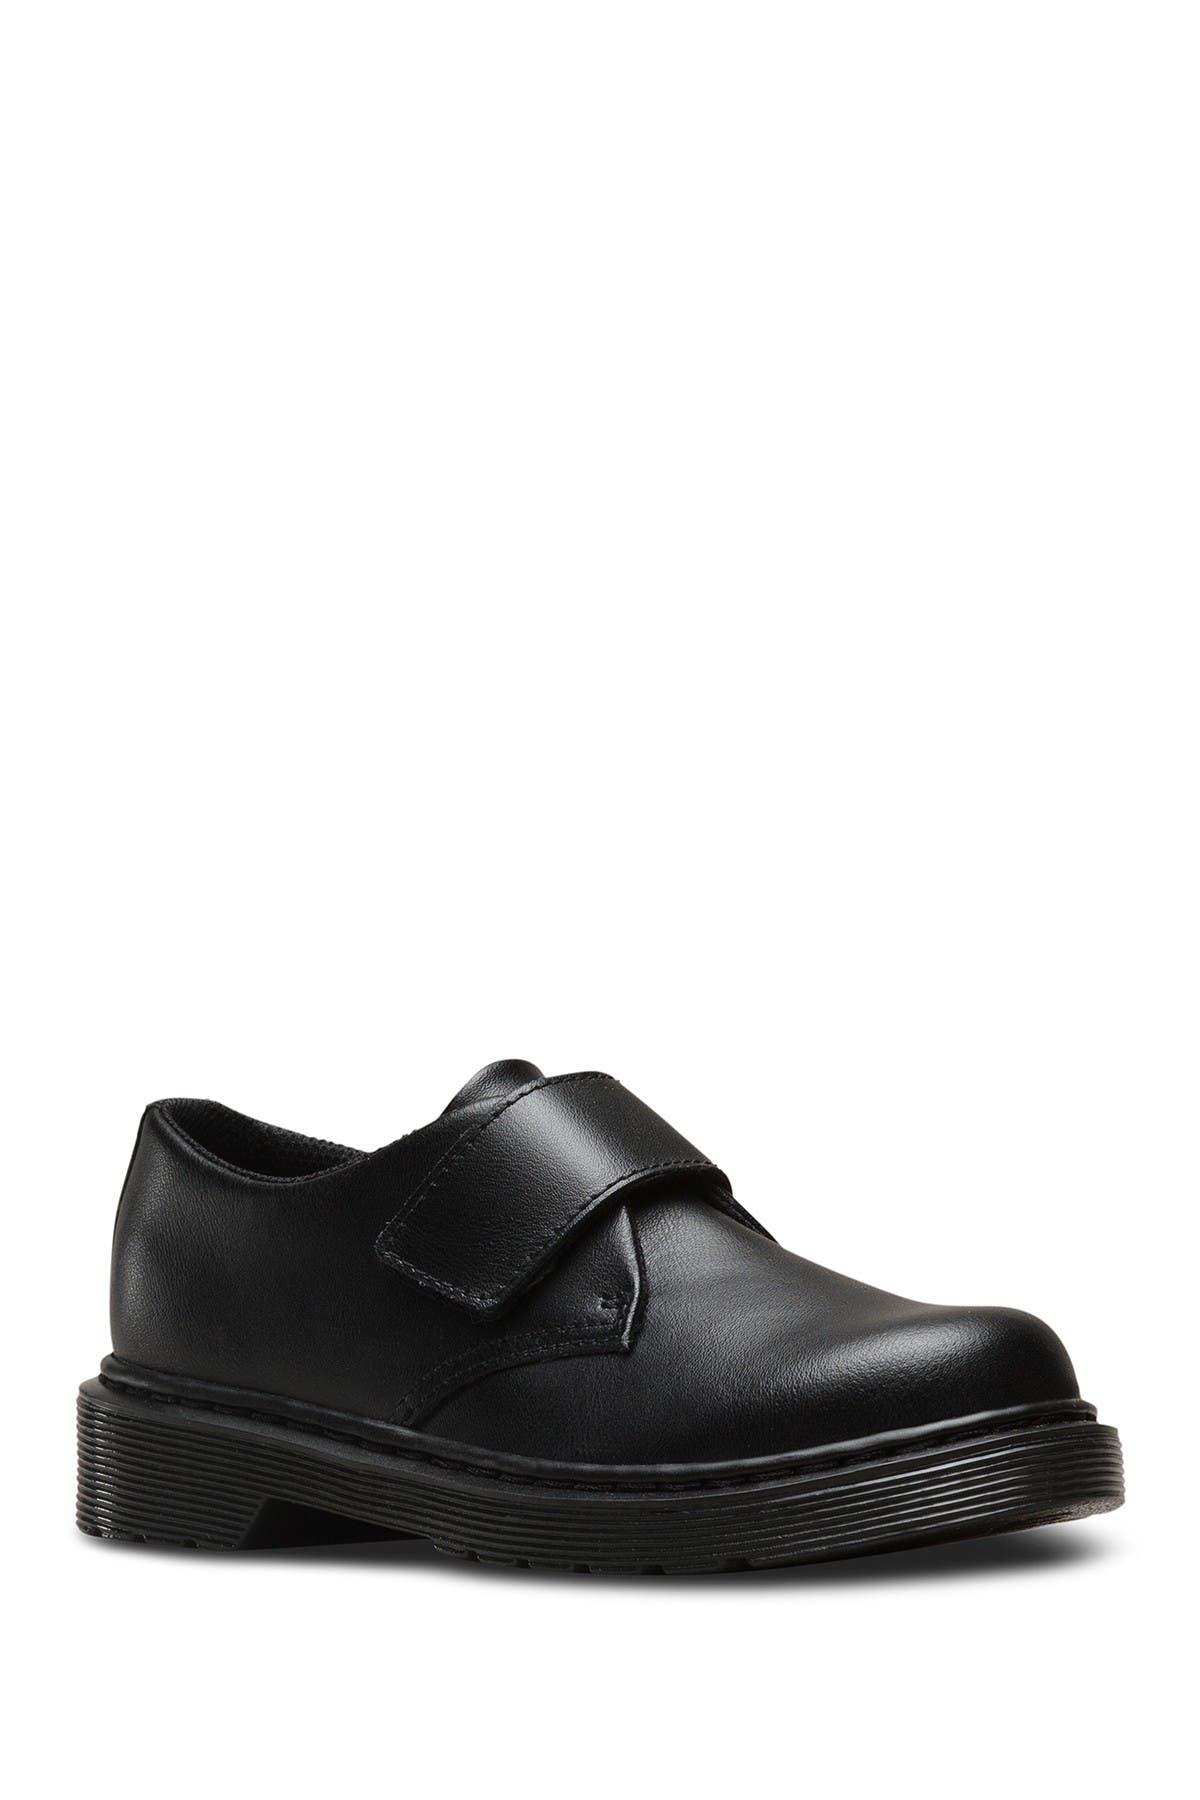 Image of Dr. Martens Kamron Strap Shoe